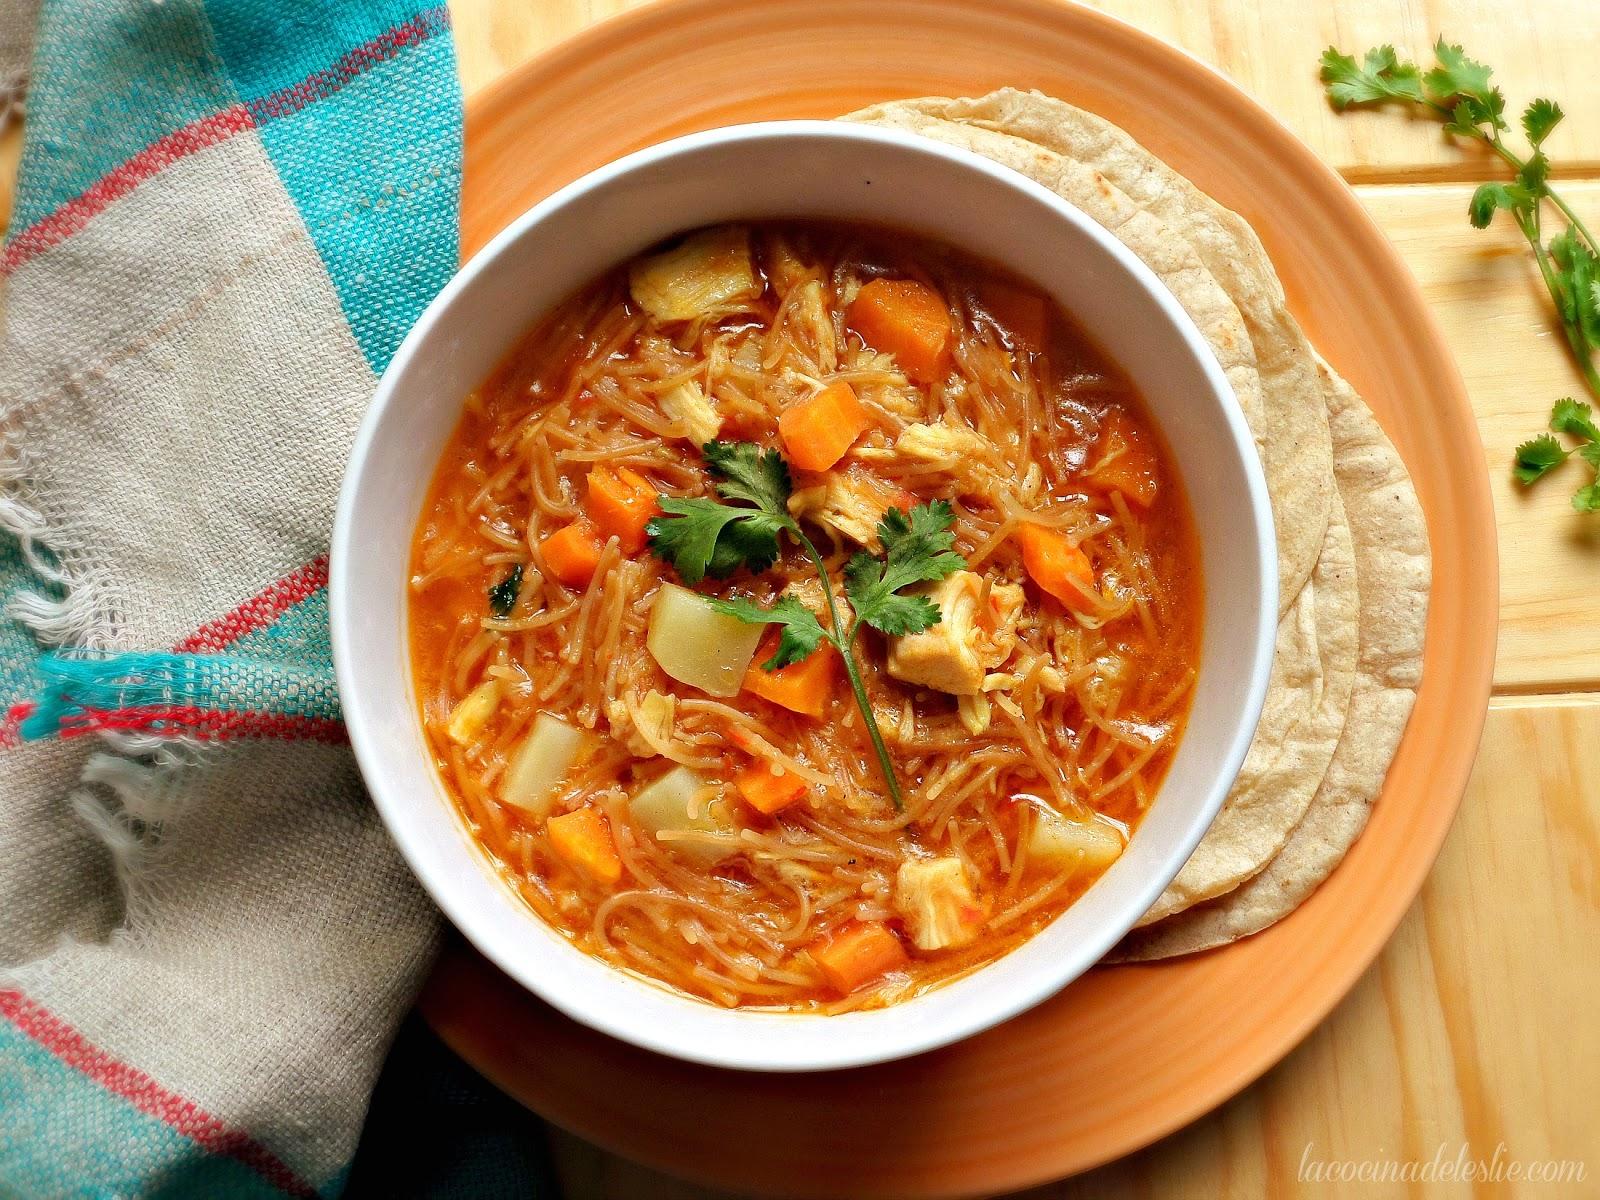 Sopa de Fideo con Pollo - lacocinadeleslie.com